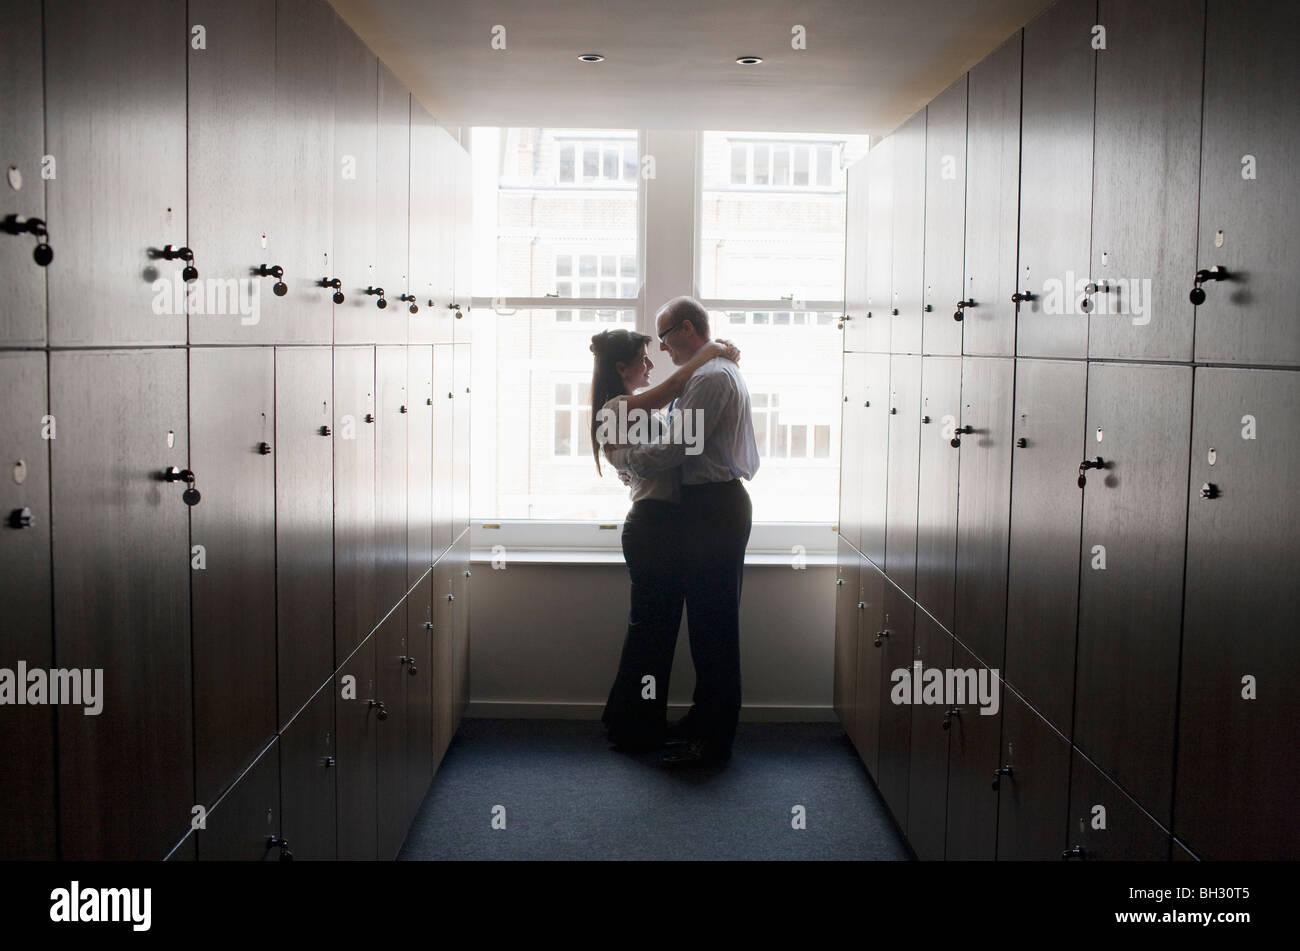 Dos trabajadores de oficina en vestuarios Imagen De Stock